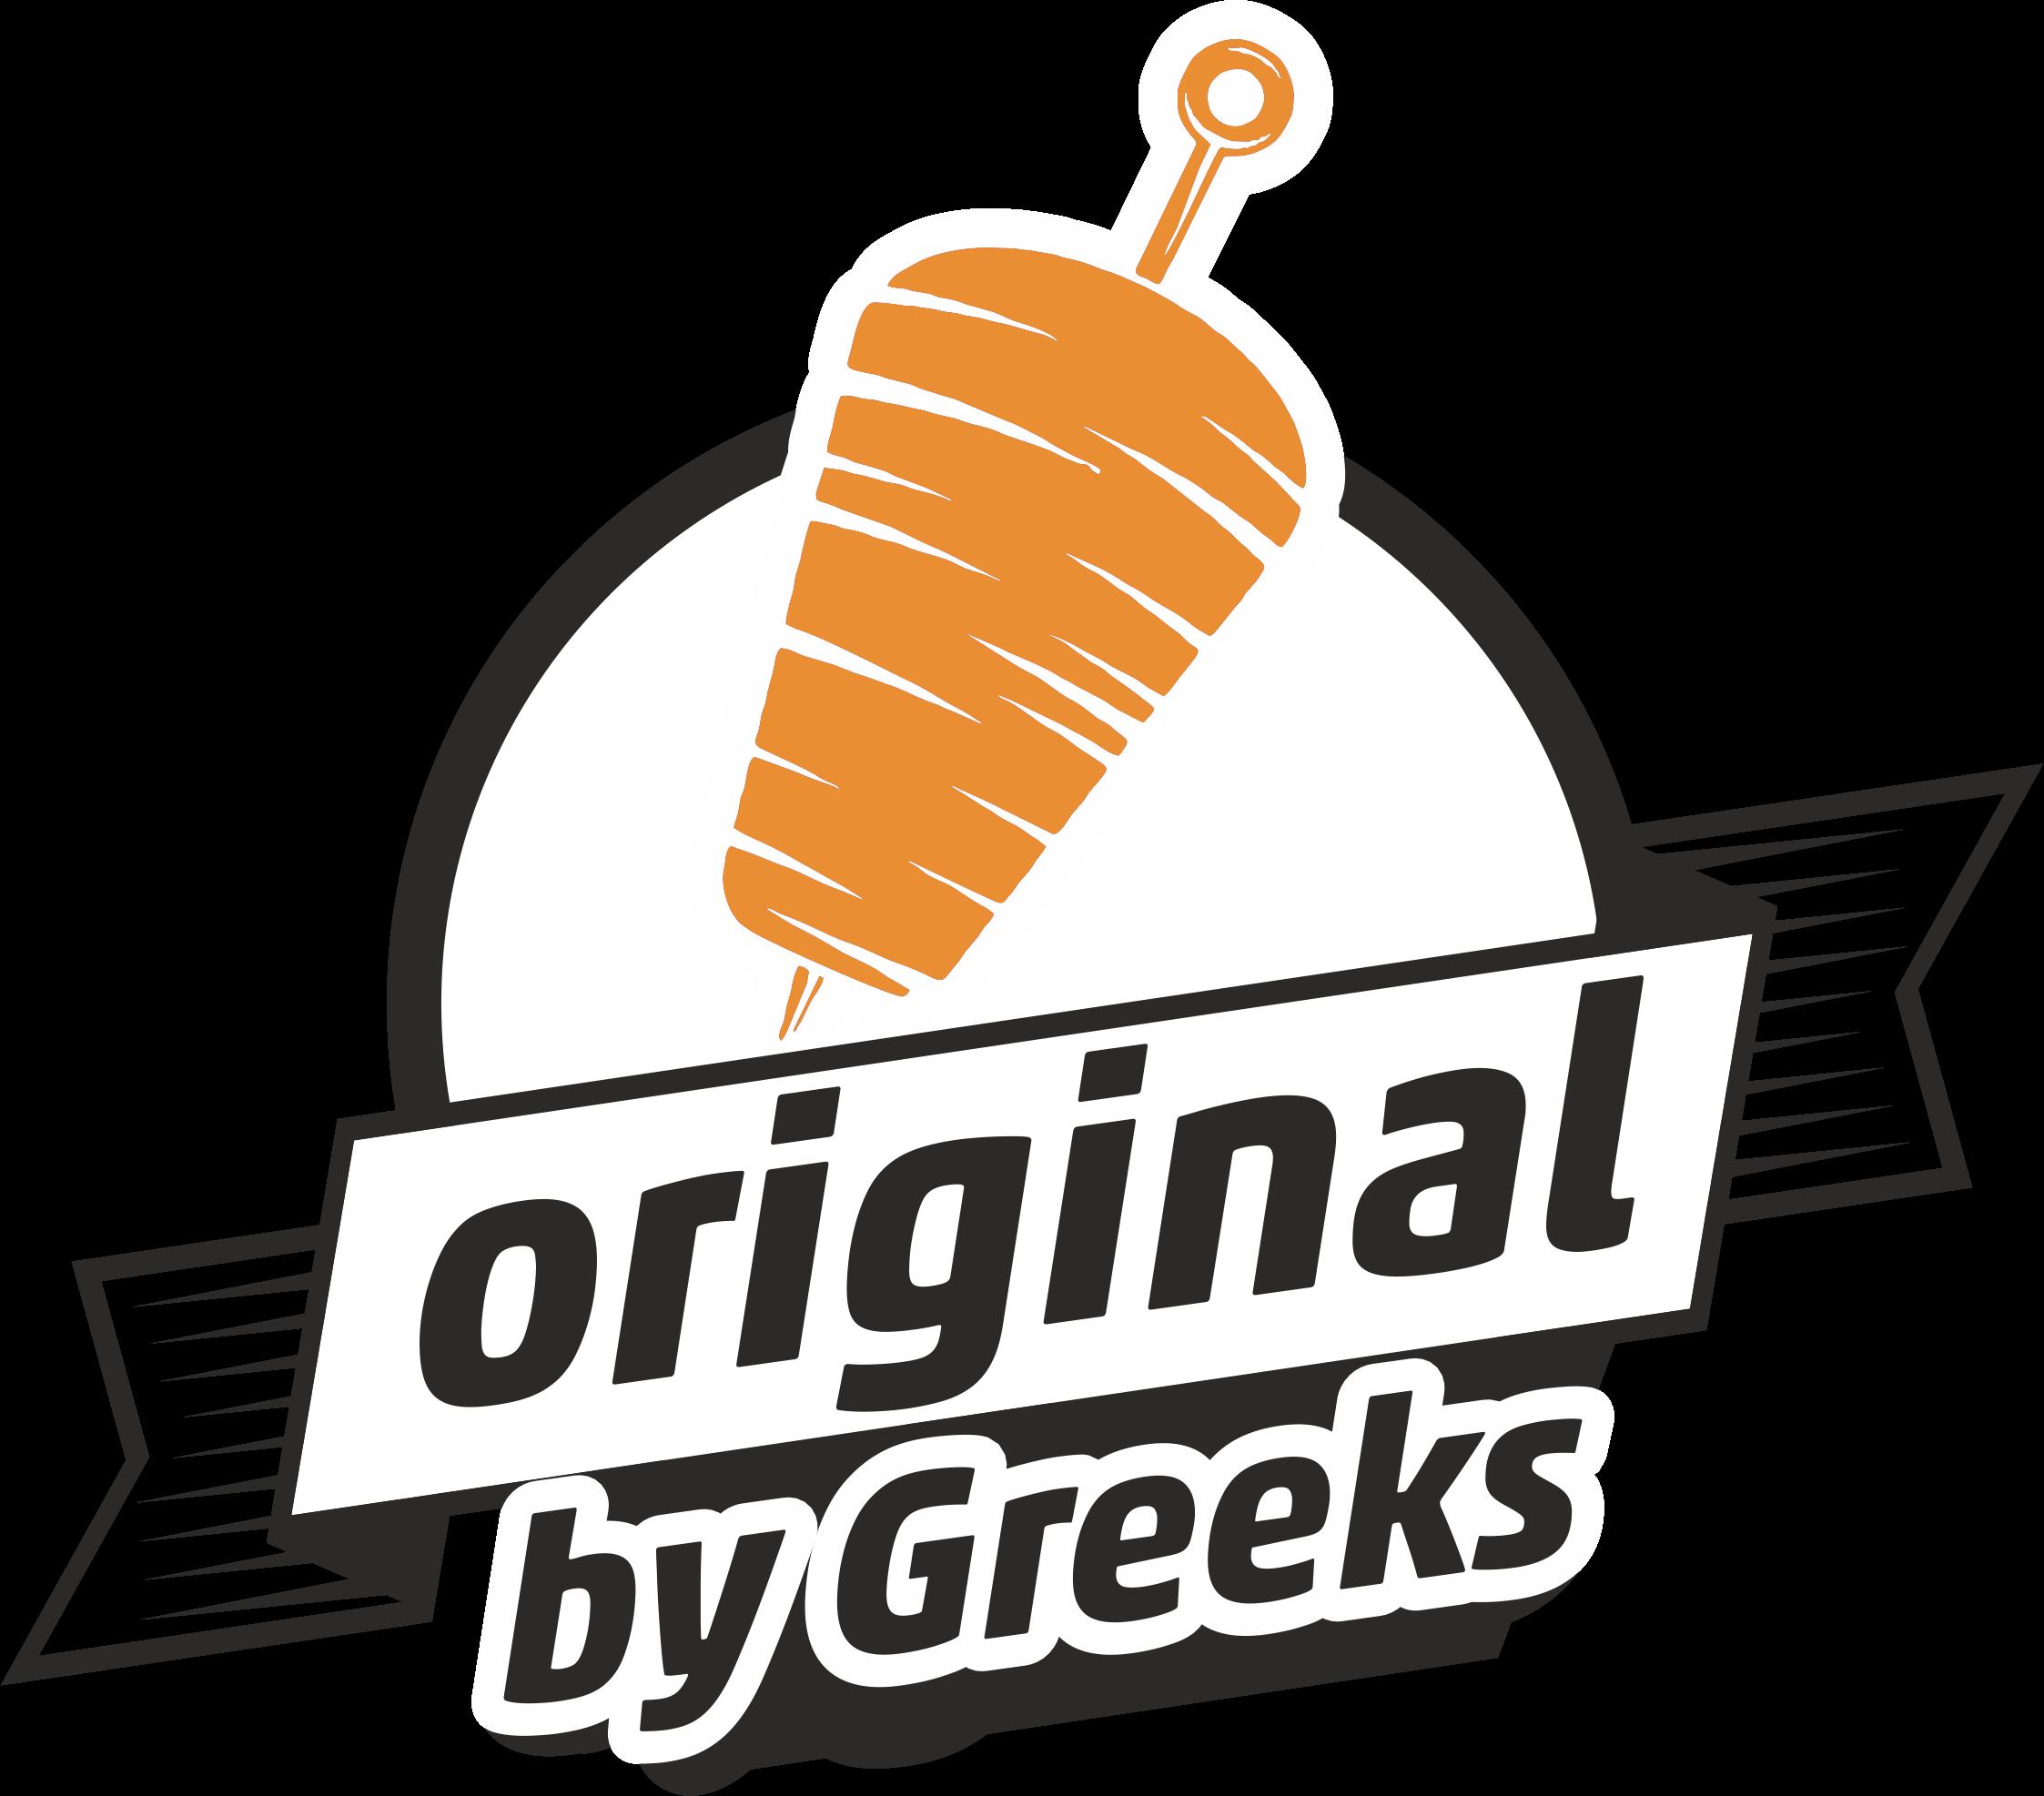 Original By Greeks.png